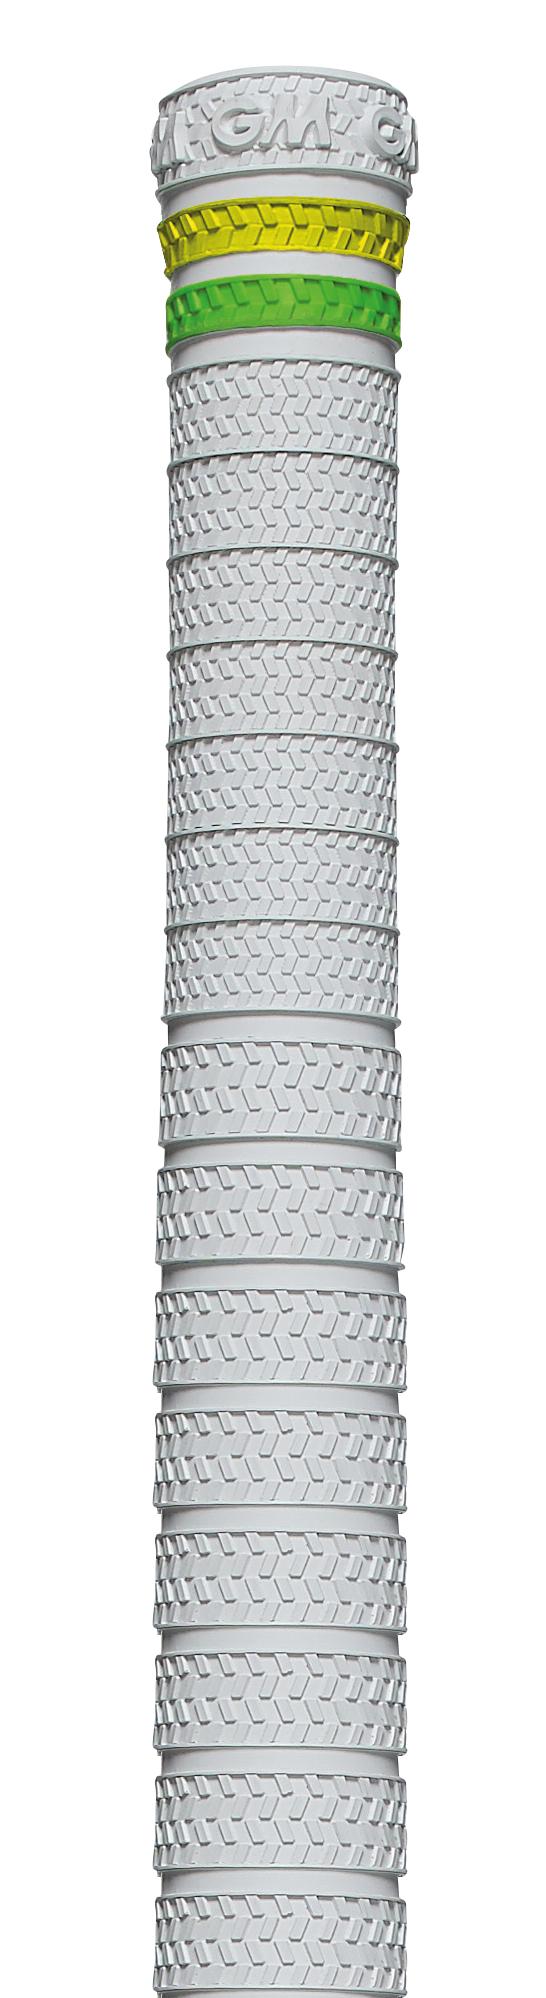 Terrain Grips - Dozens